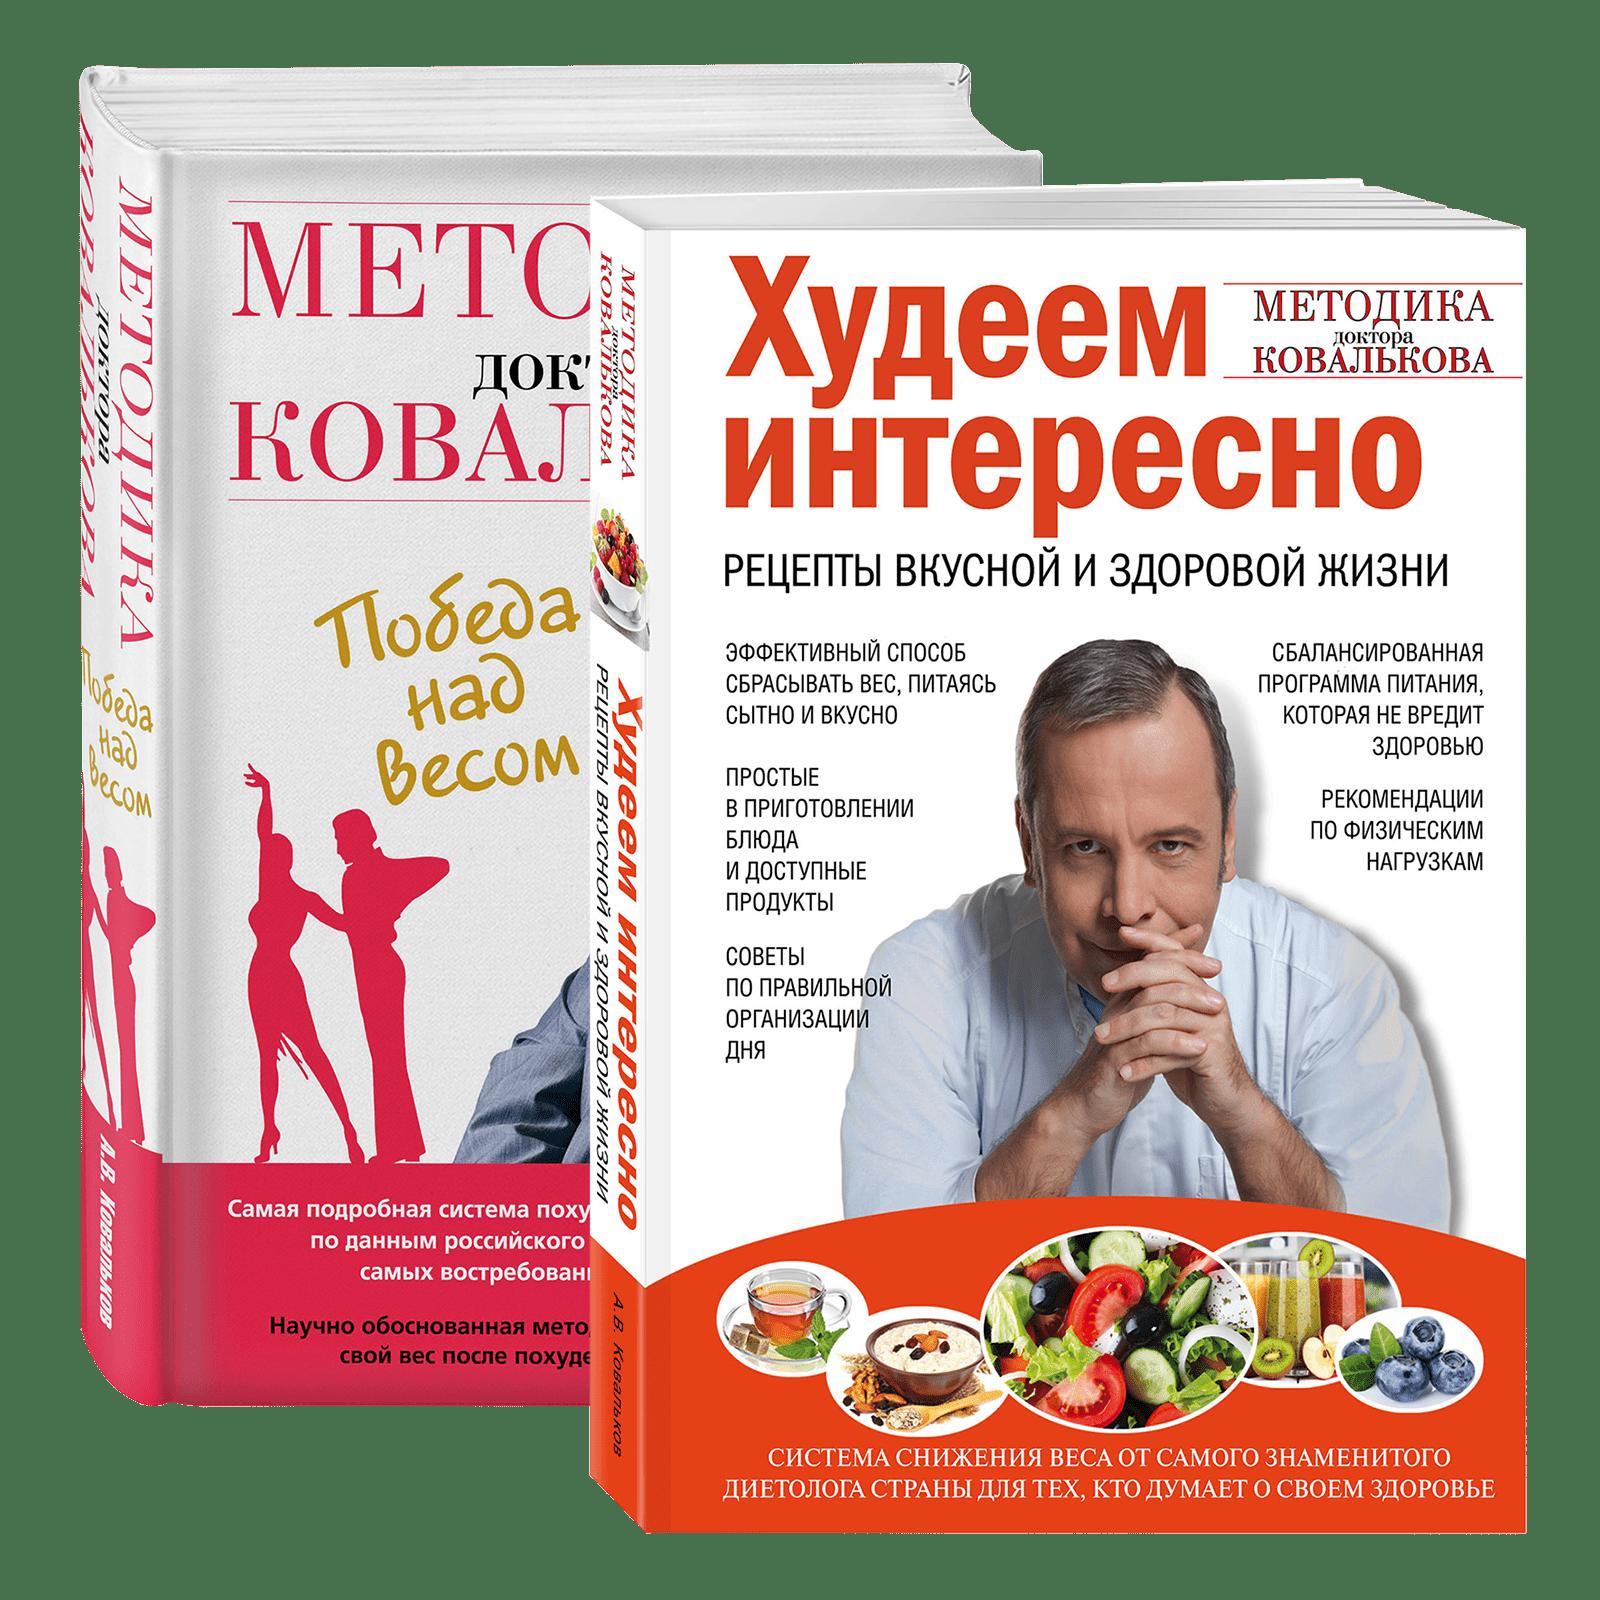 Низкоуглеводная Диета Доктора Ковалькова. Диета Ковалькова: меню по этапам